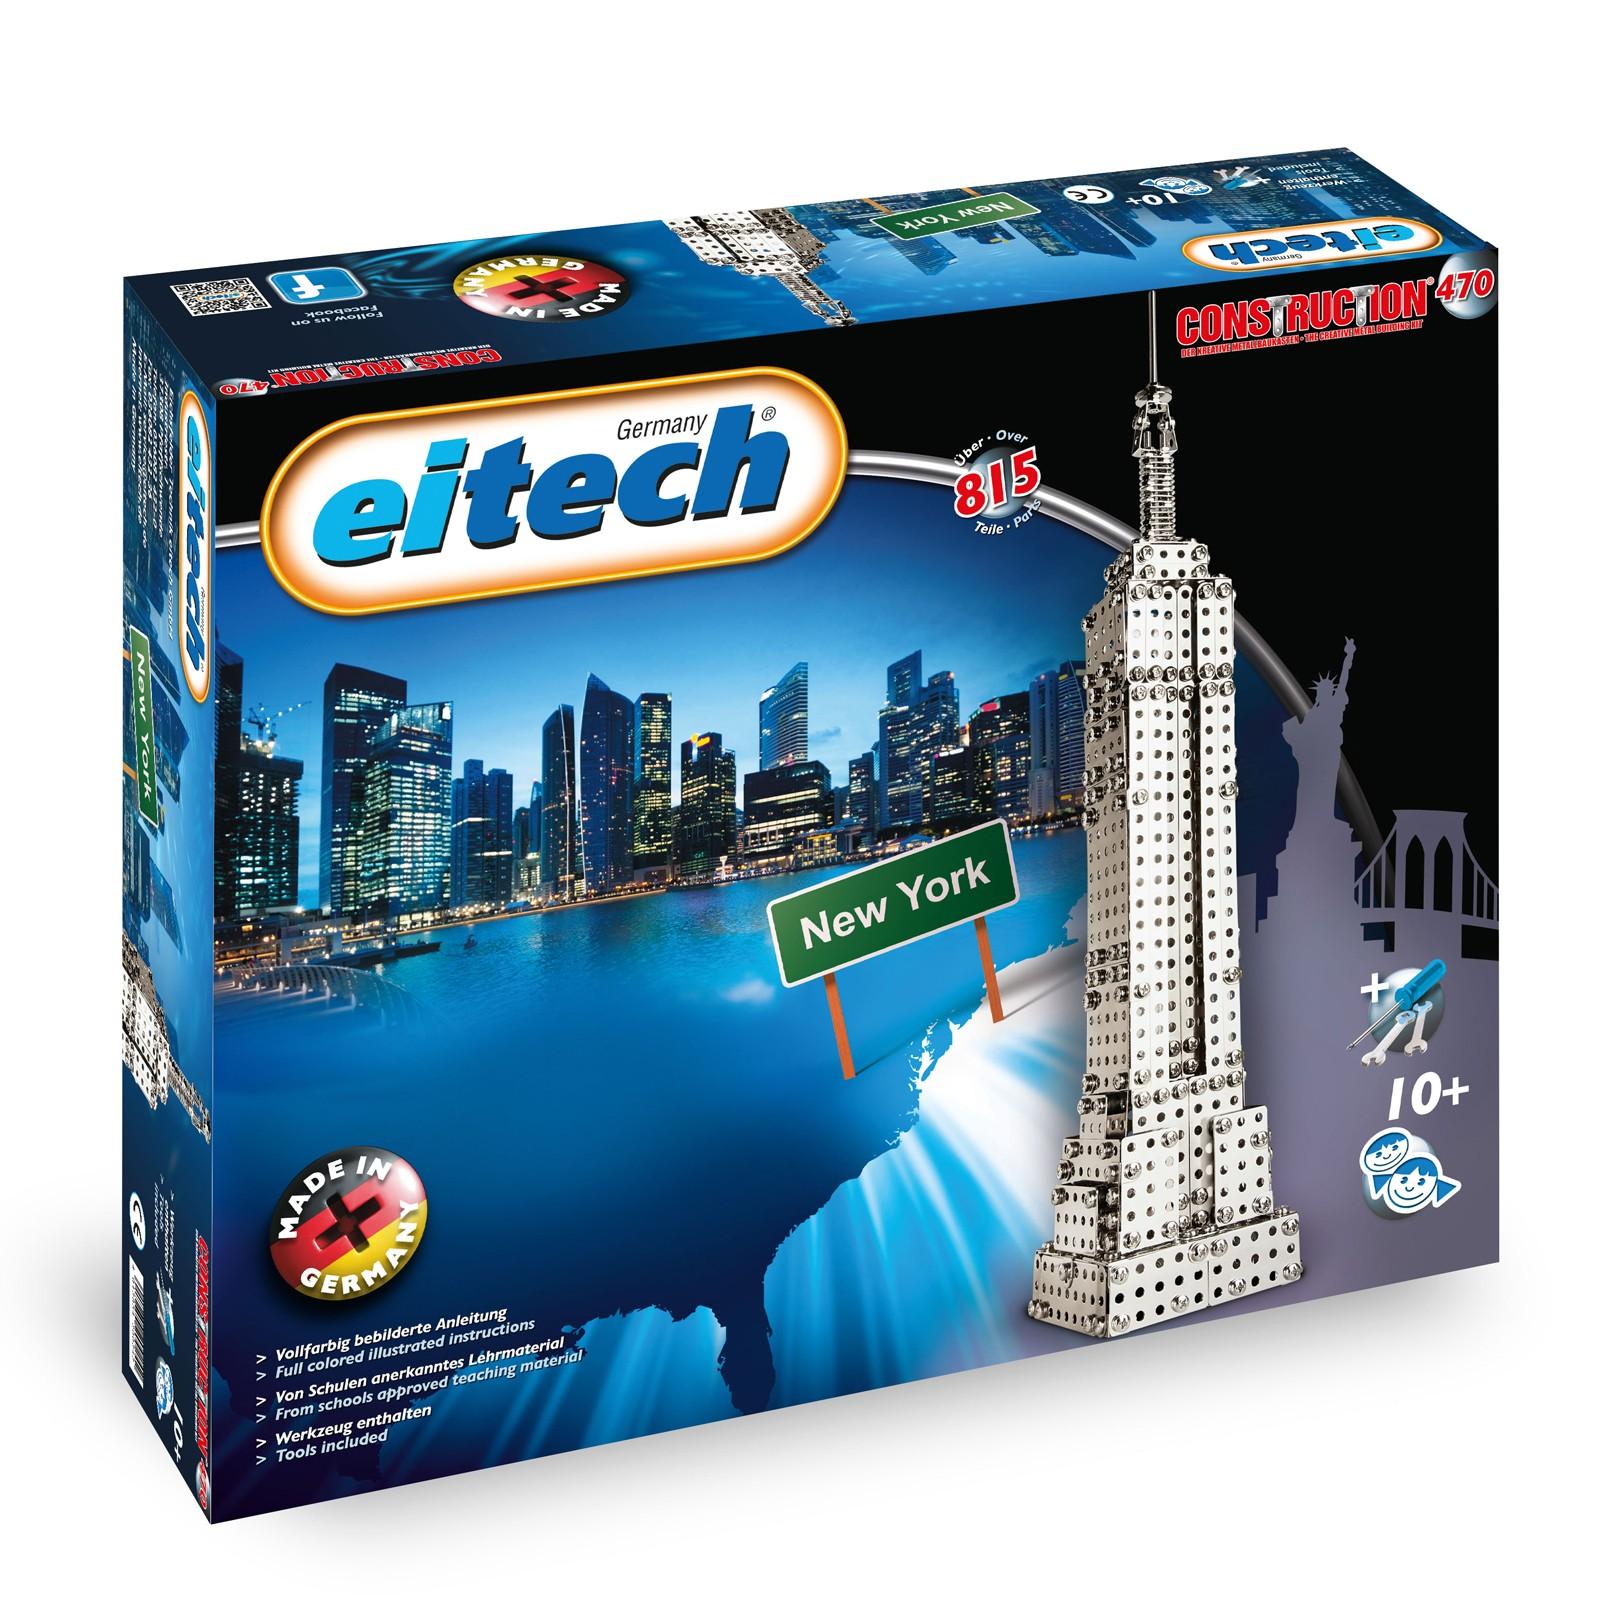 EITECH Metallbaukasten Empire State Building 50cm hoch